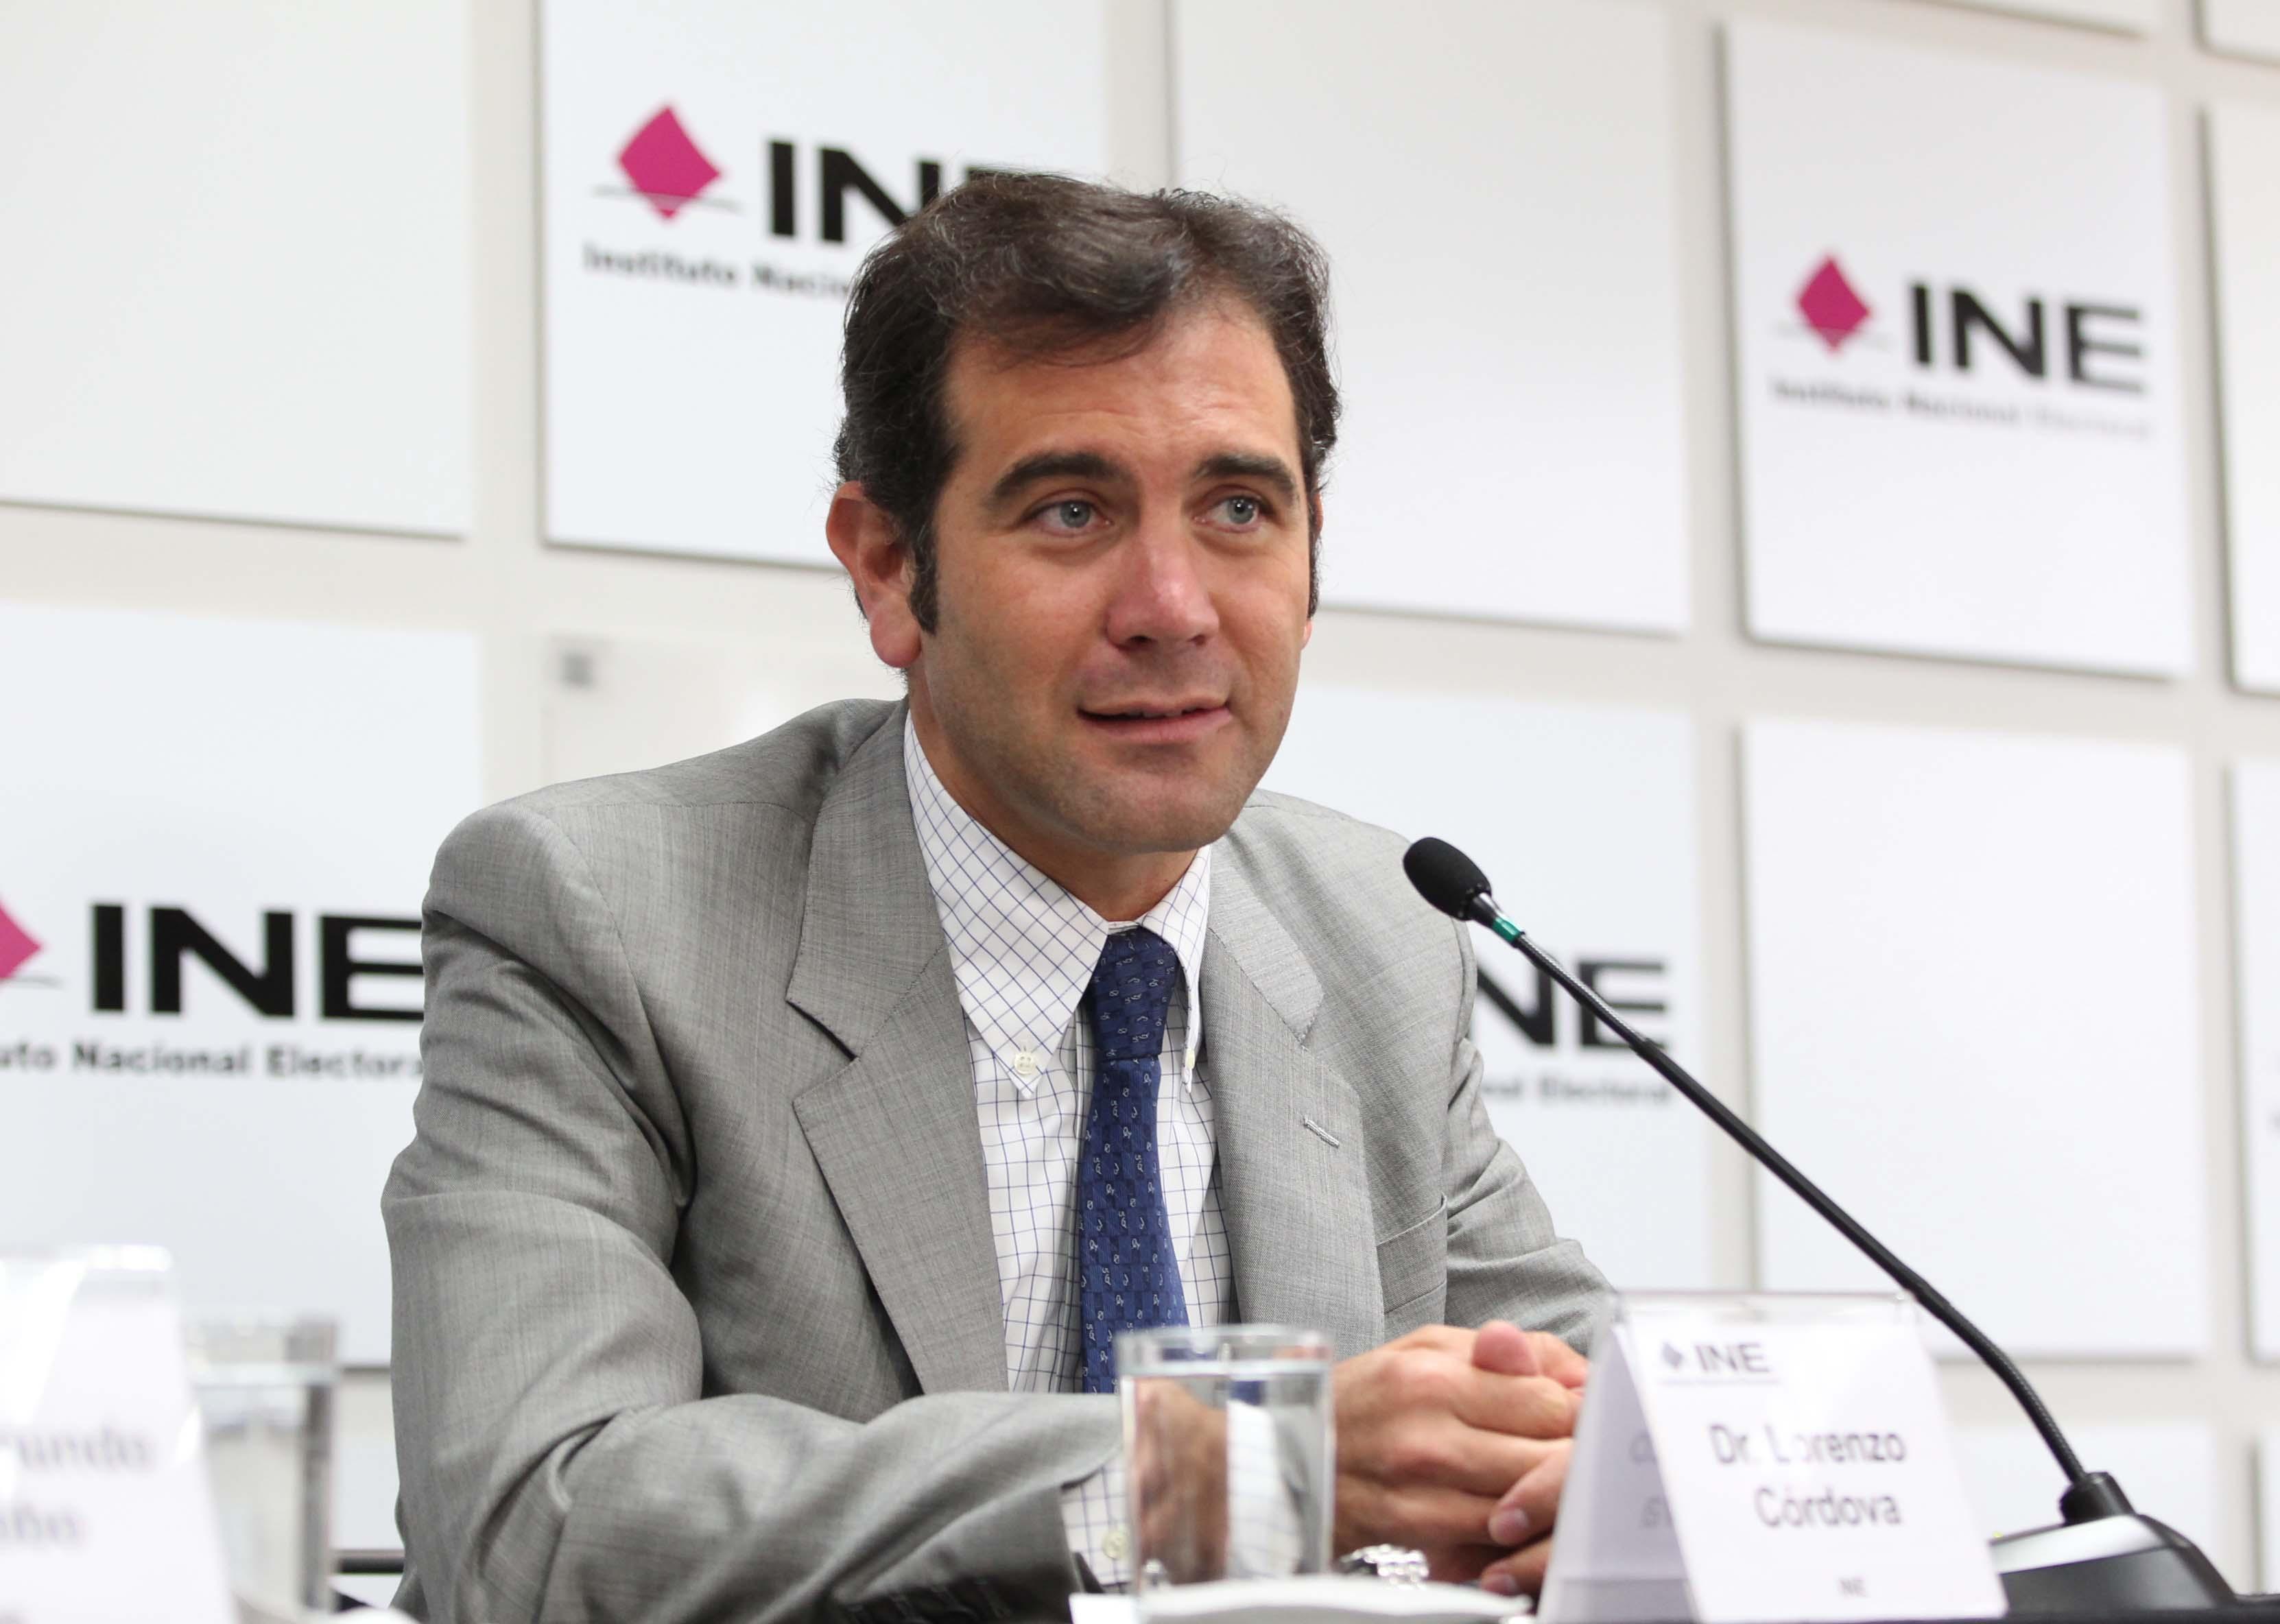 Estrategia de descalificación contra el INE no prosperará: Córdova